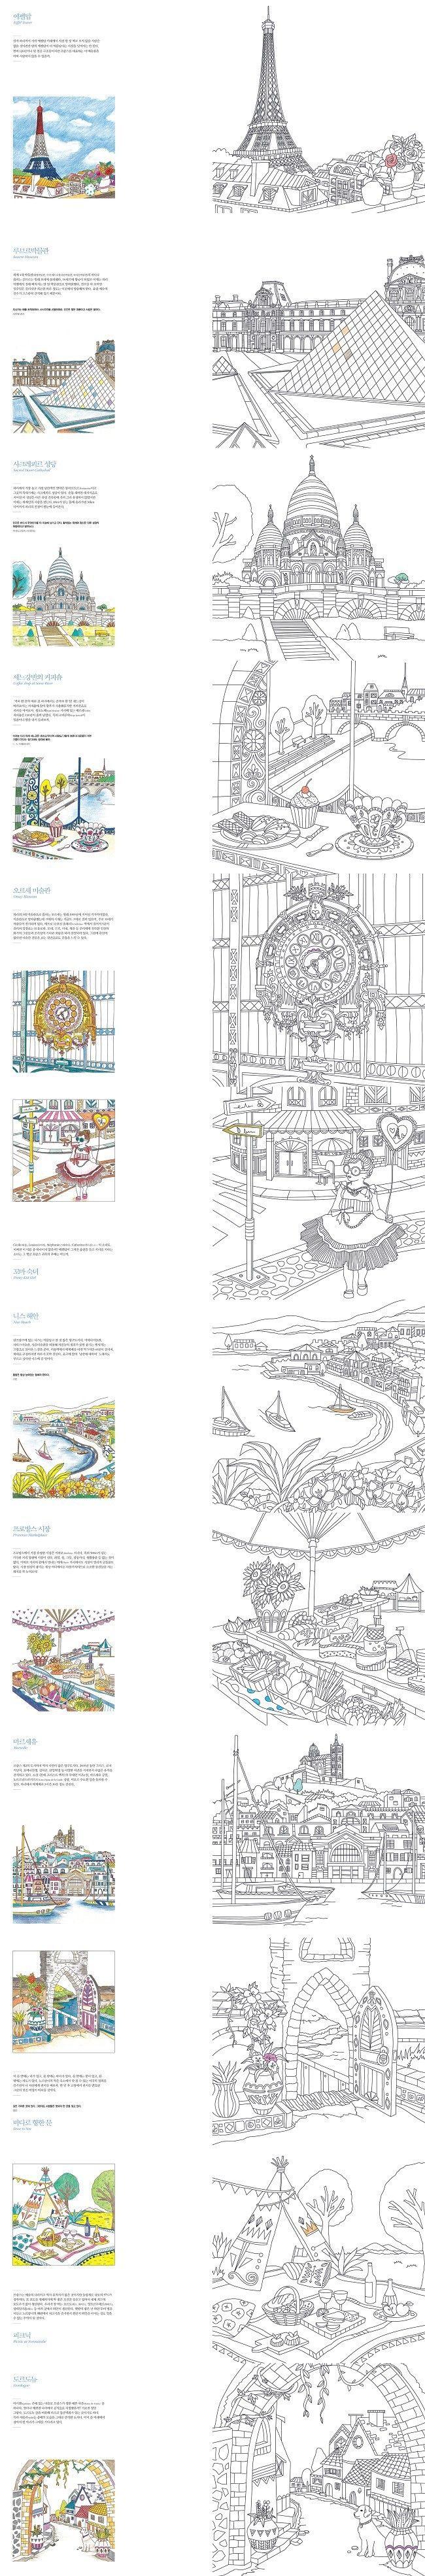 Aliexpress.com: Compre O convite para a Escandinávia [MADE IN KOREA] Livro de…